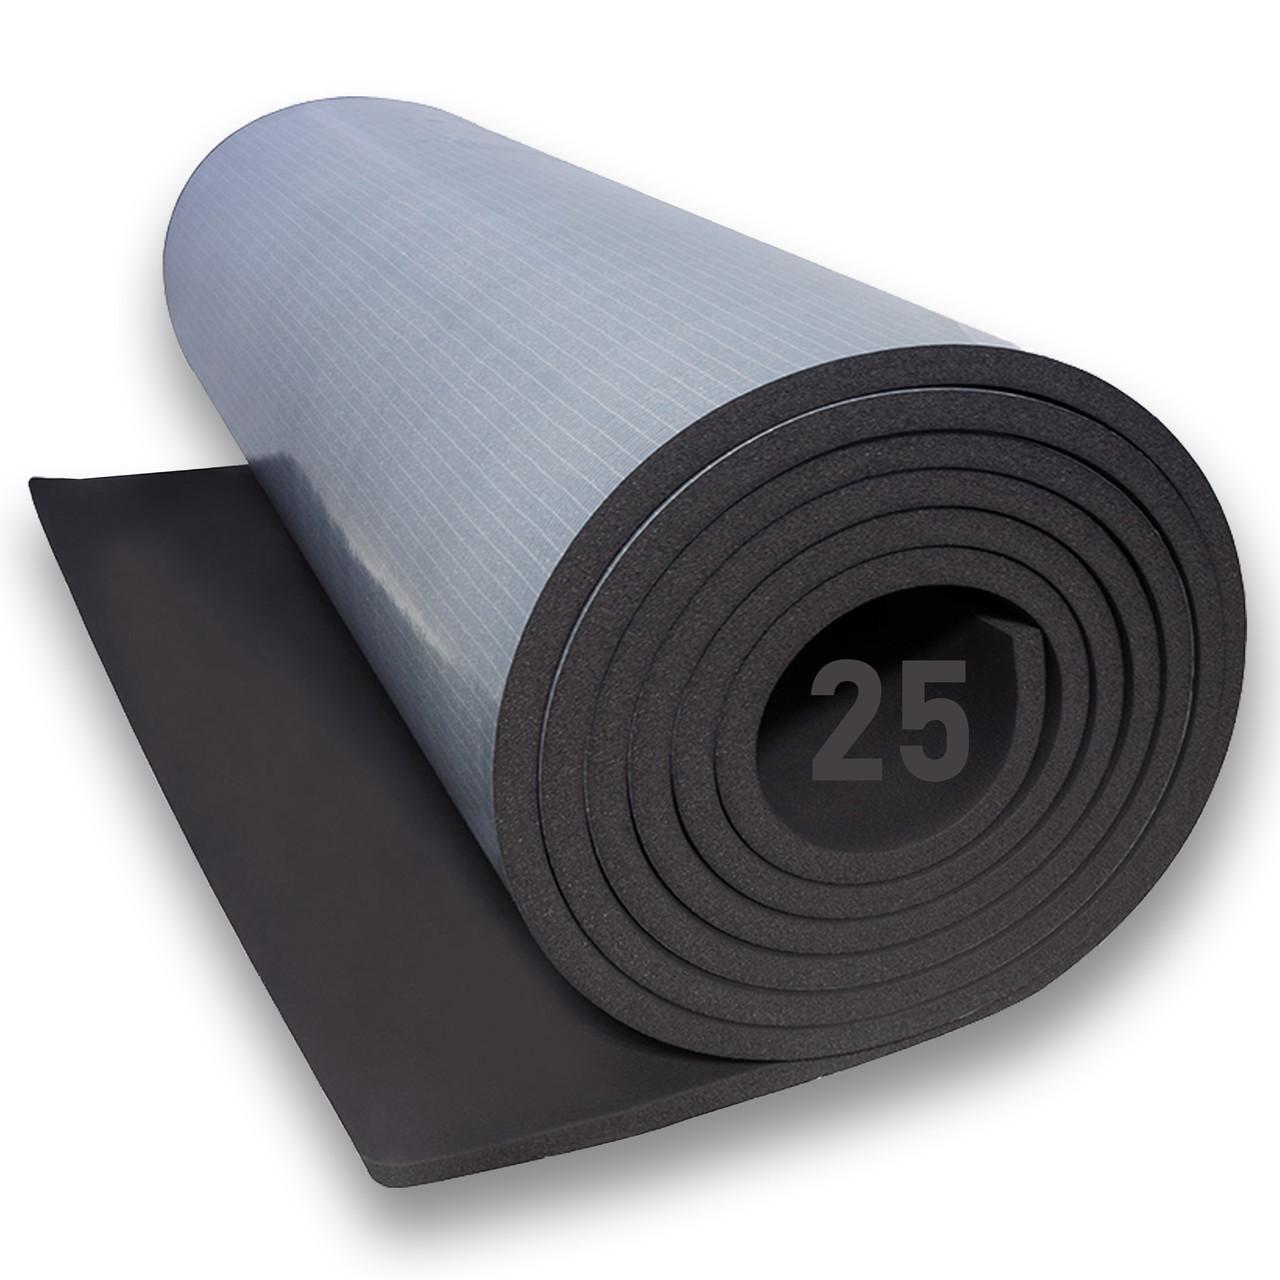 Вспененный каучук 25 мм самоклеющийся (утеплитель, шумоизоляция) цена за рулон